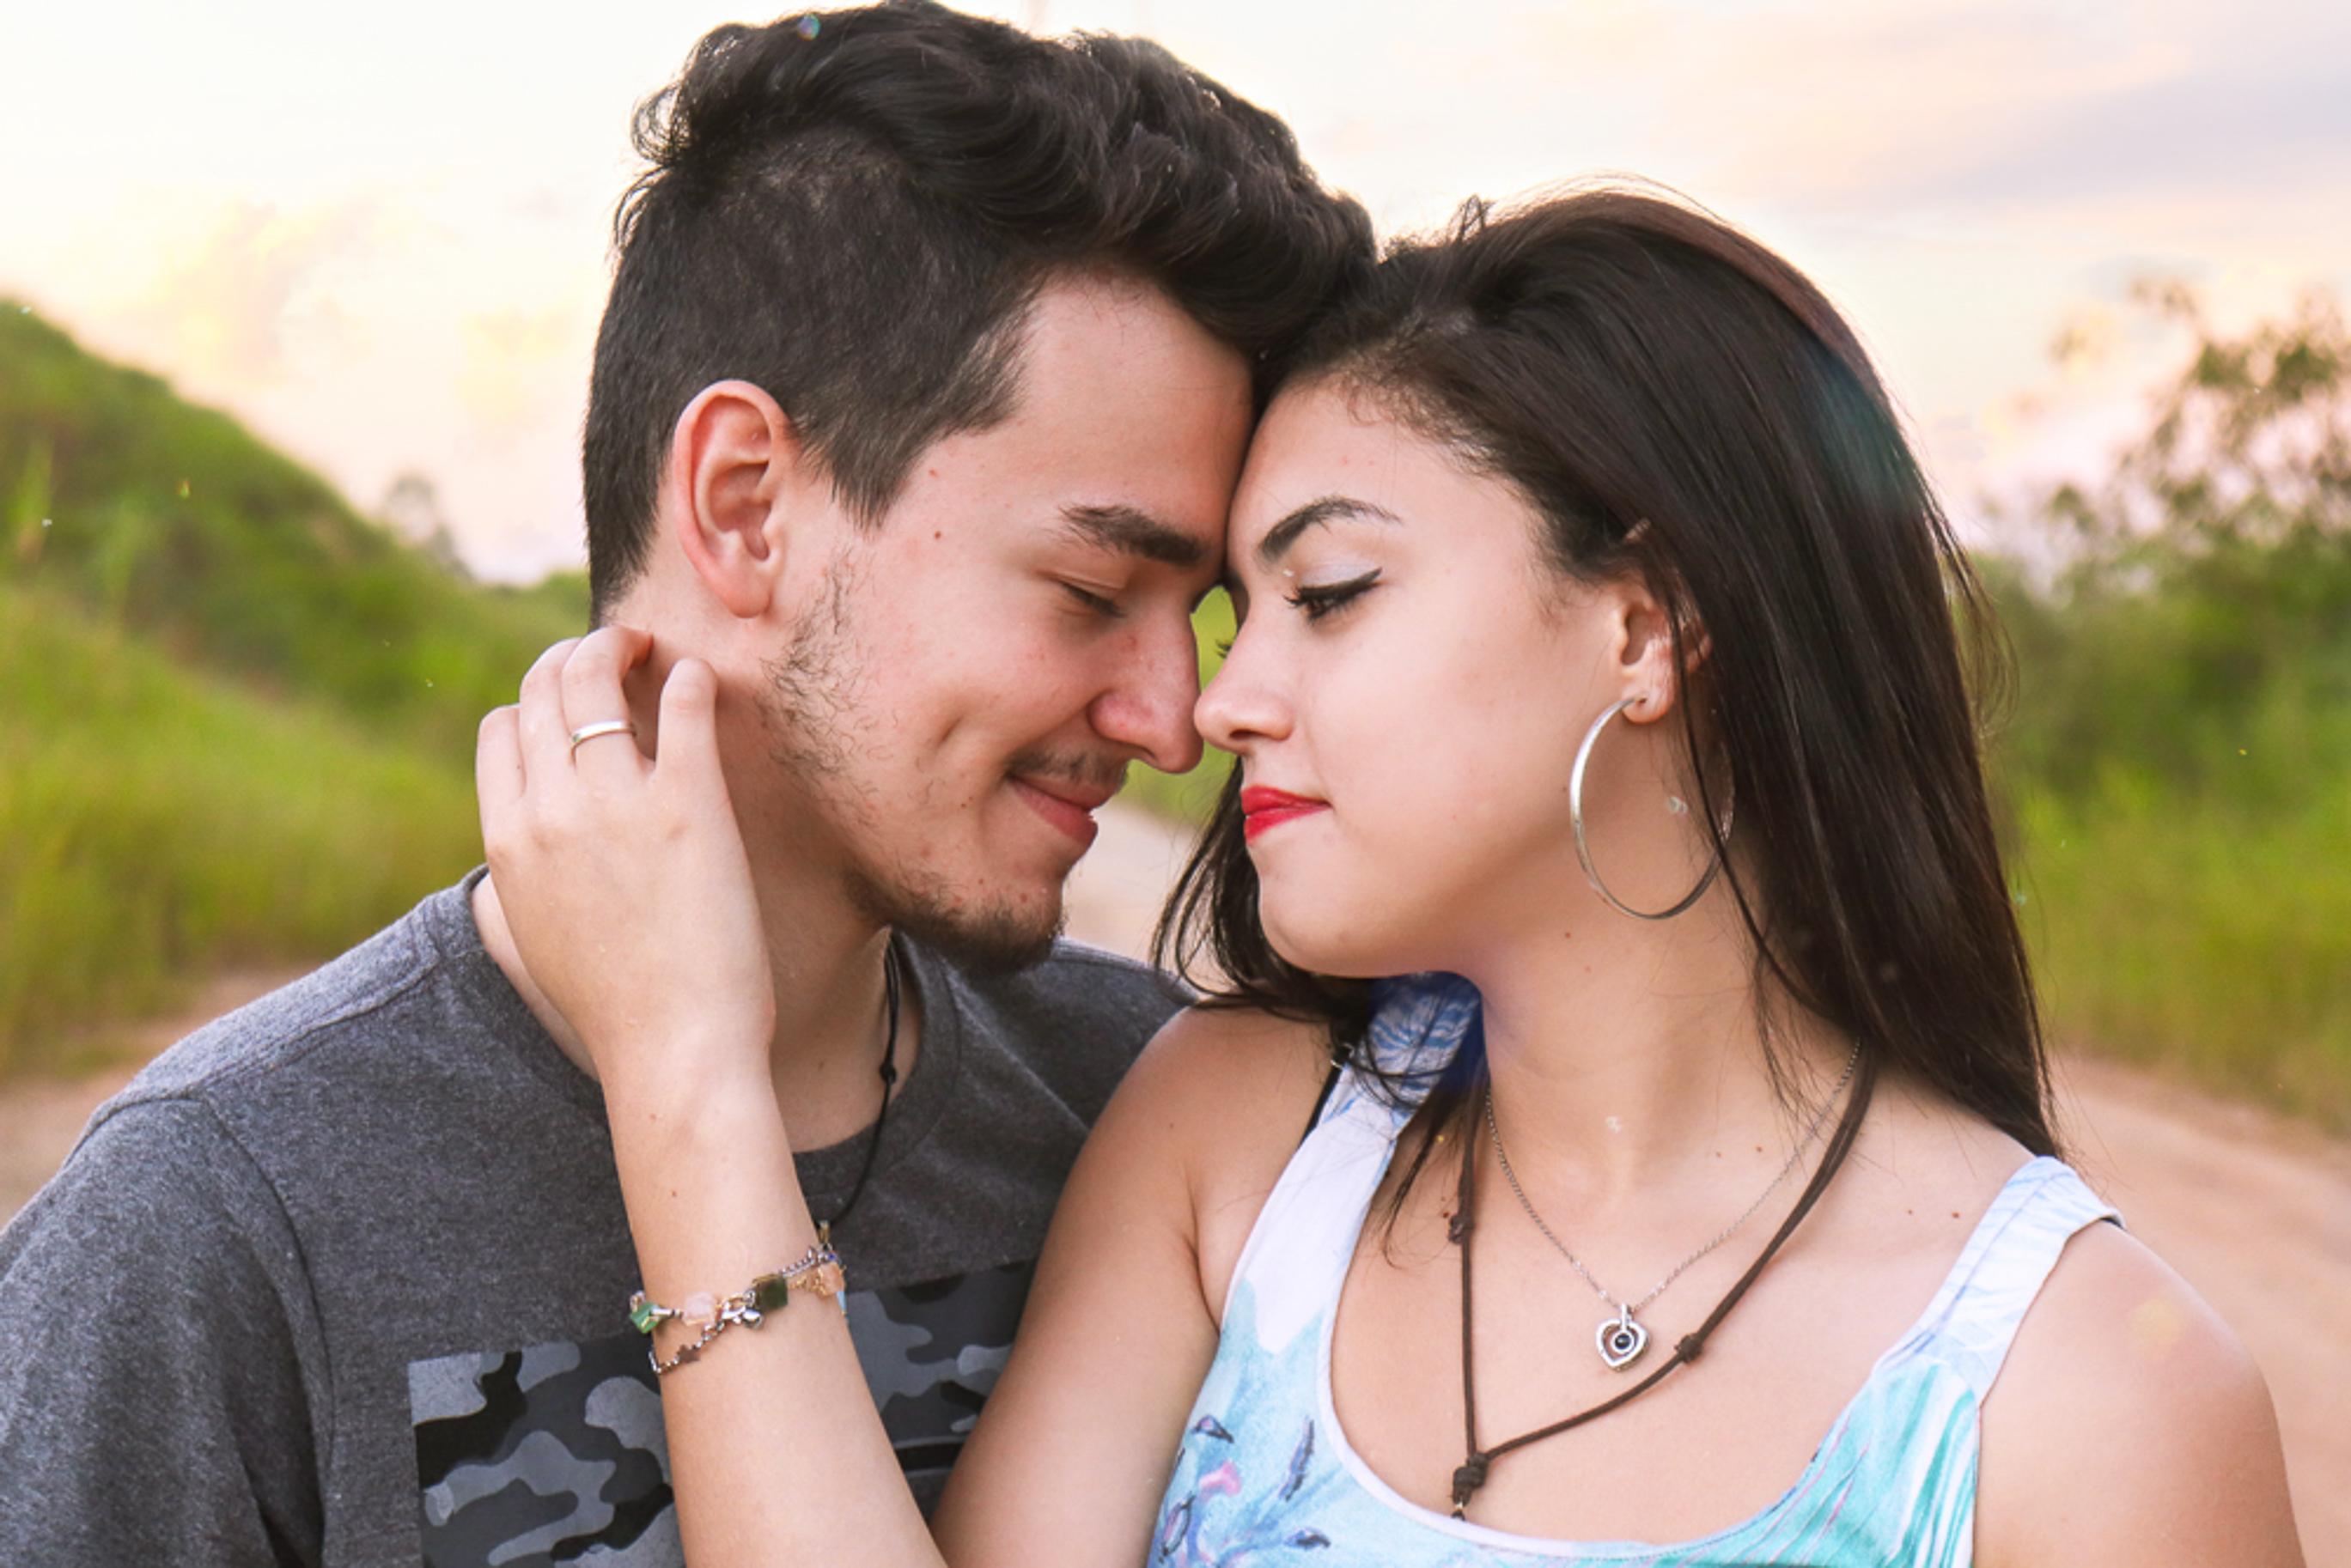 gratis topp dating webbplatser UK